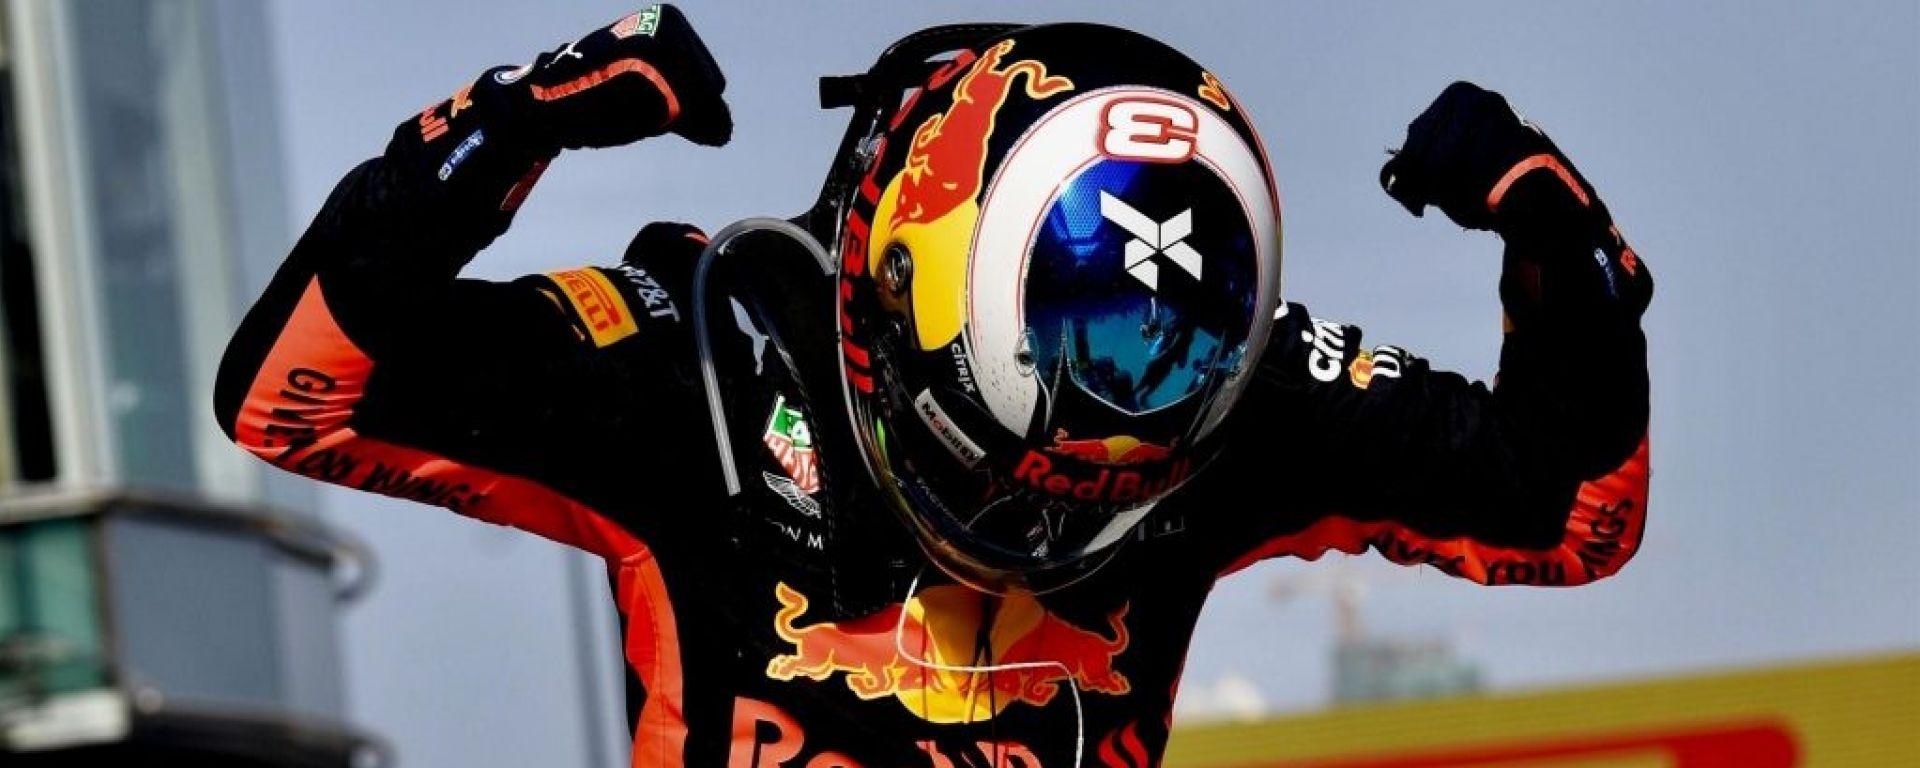 F1 2018 GP Cina